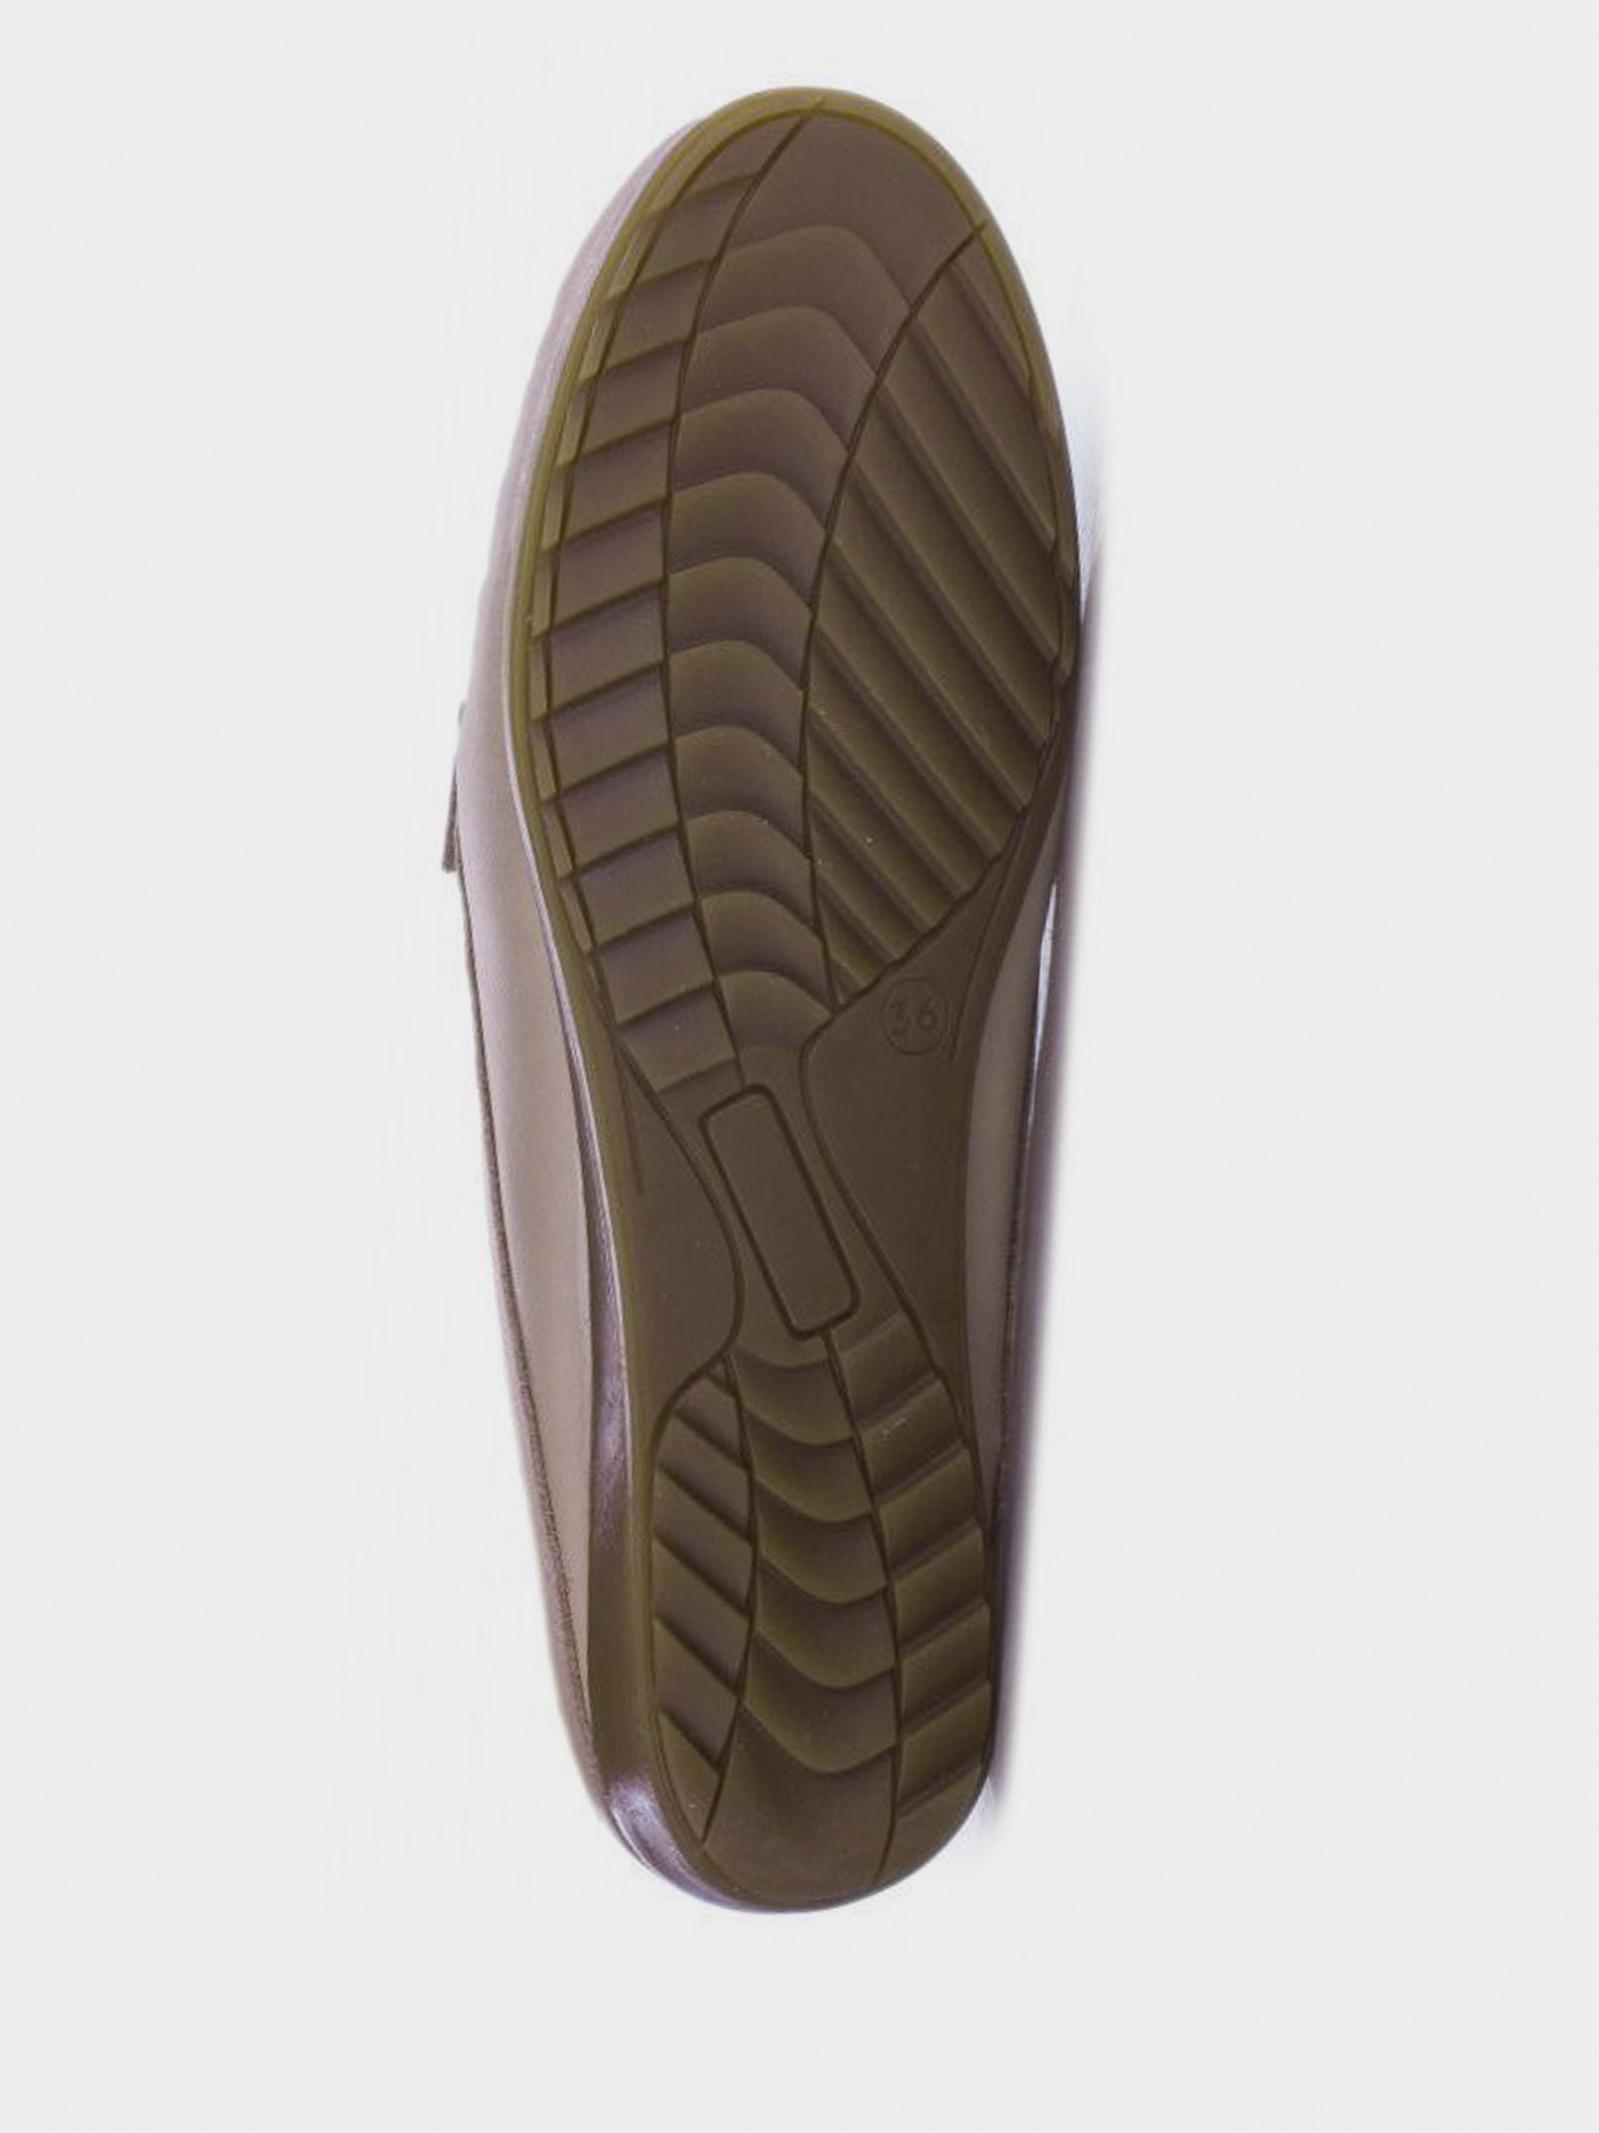 Шльопанці  для жінок Filipe Shoes шльопанці жін. (36-41) 10592-7591 купити в Україні, 2017